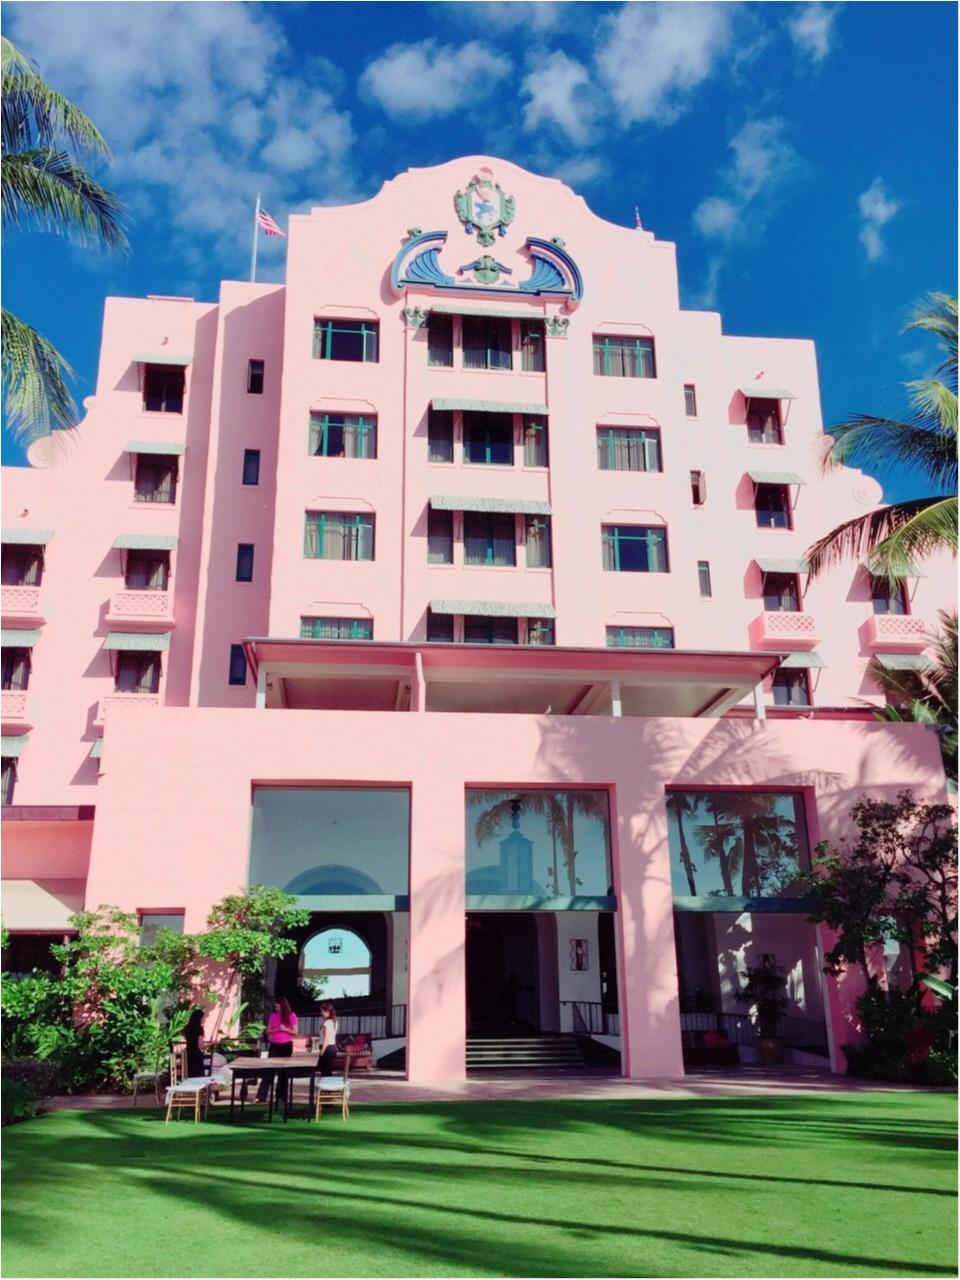 【TRIP】これ着て1日過ごしたい!ハワイで1番のお目立ちホテルはバスローブまで激可愛だった♡_1